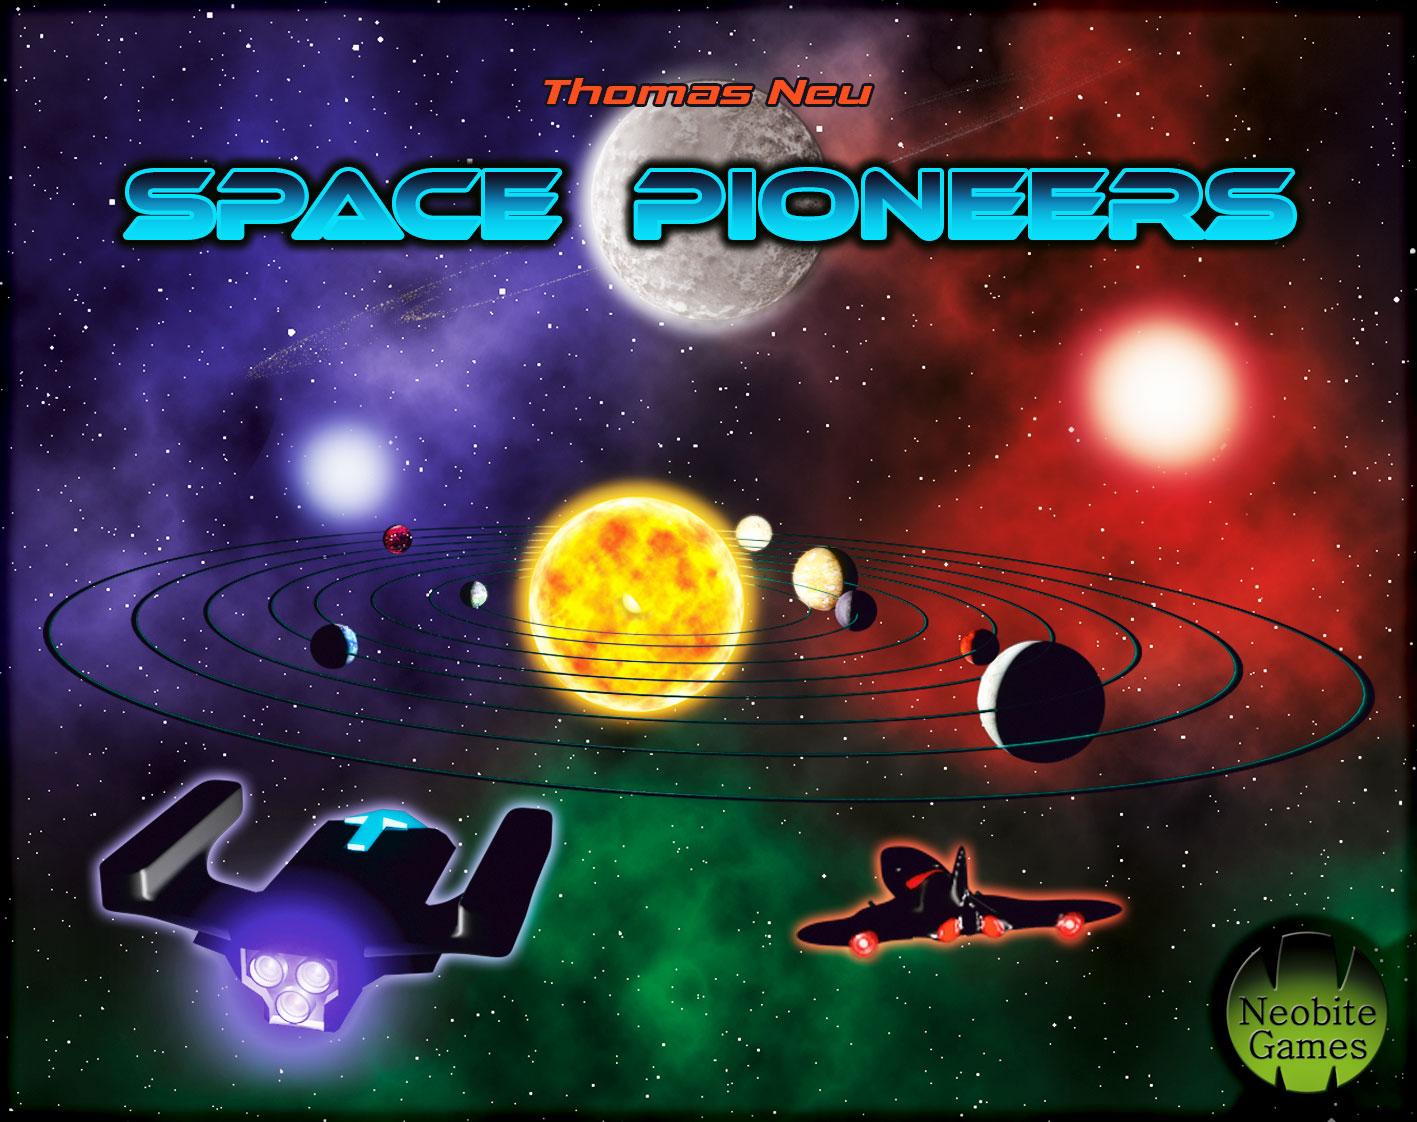 Spacepioneers